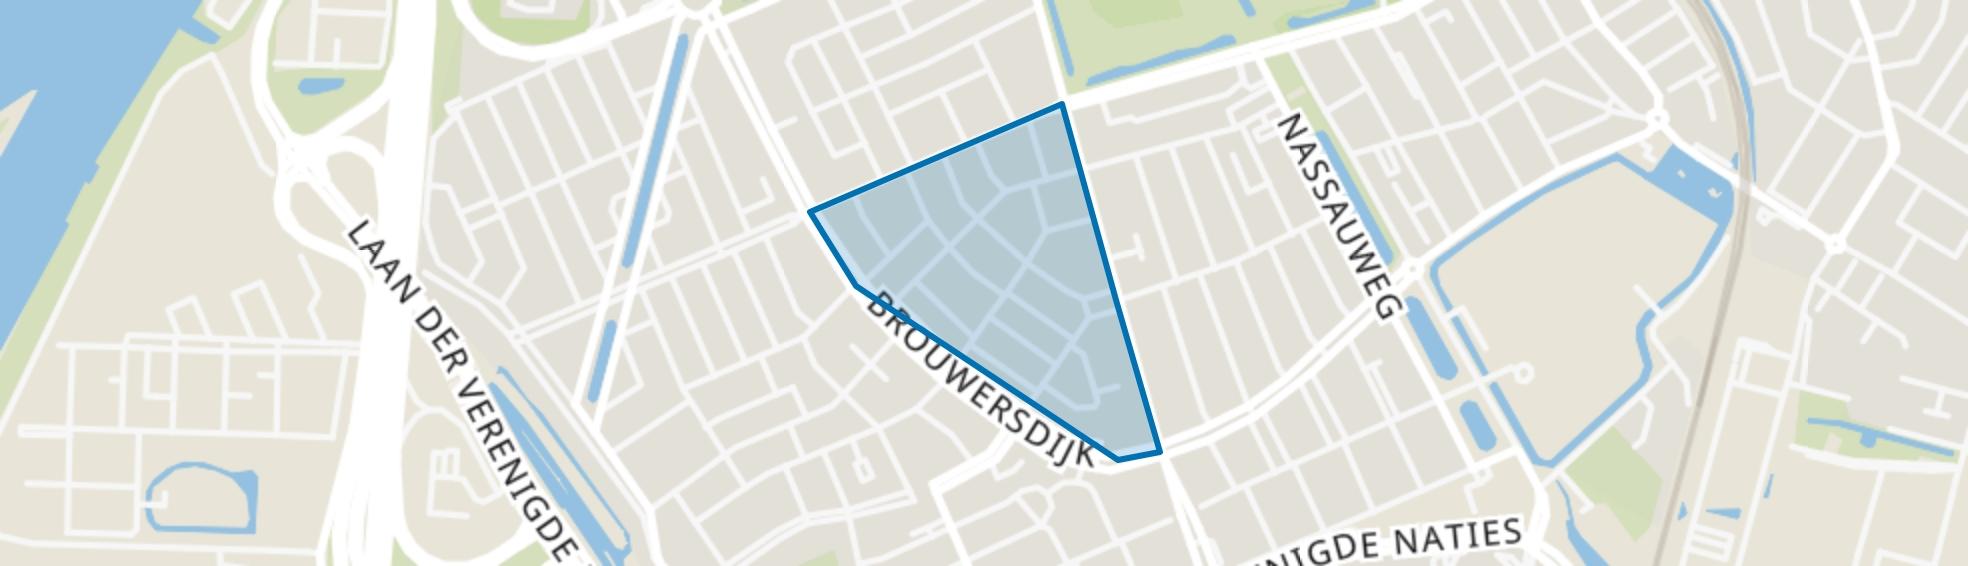 Krispijnse Driehoek, Dordrecht map